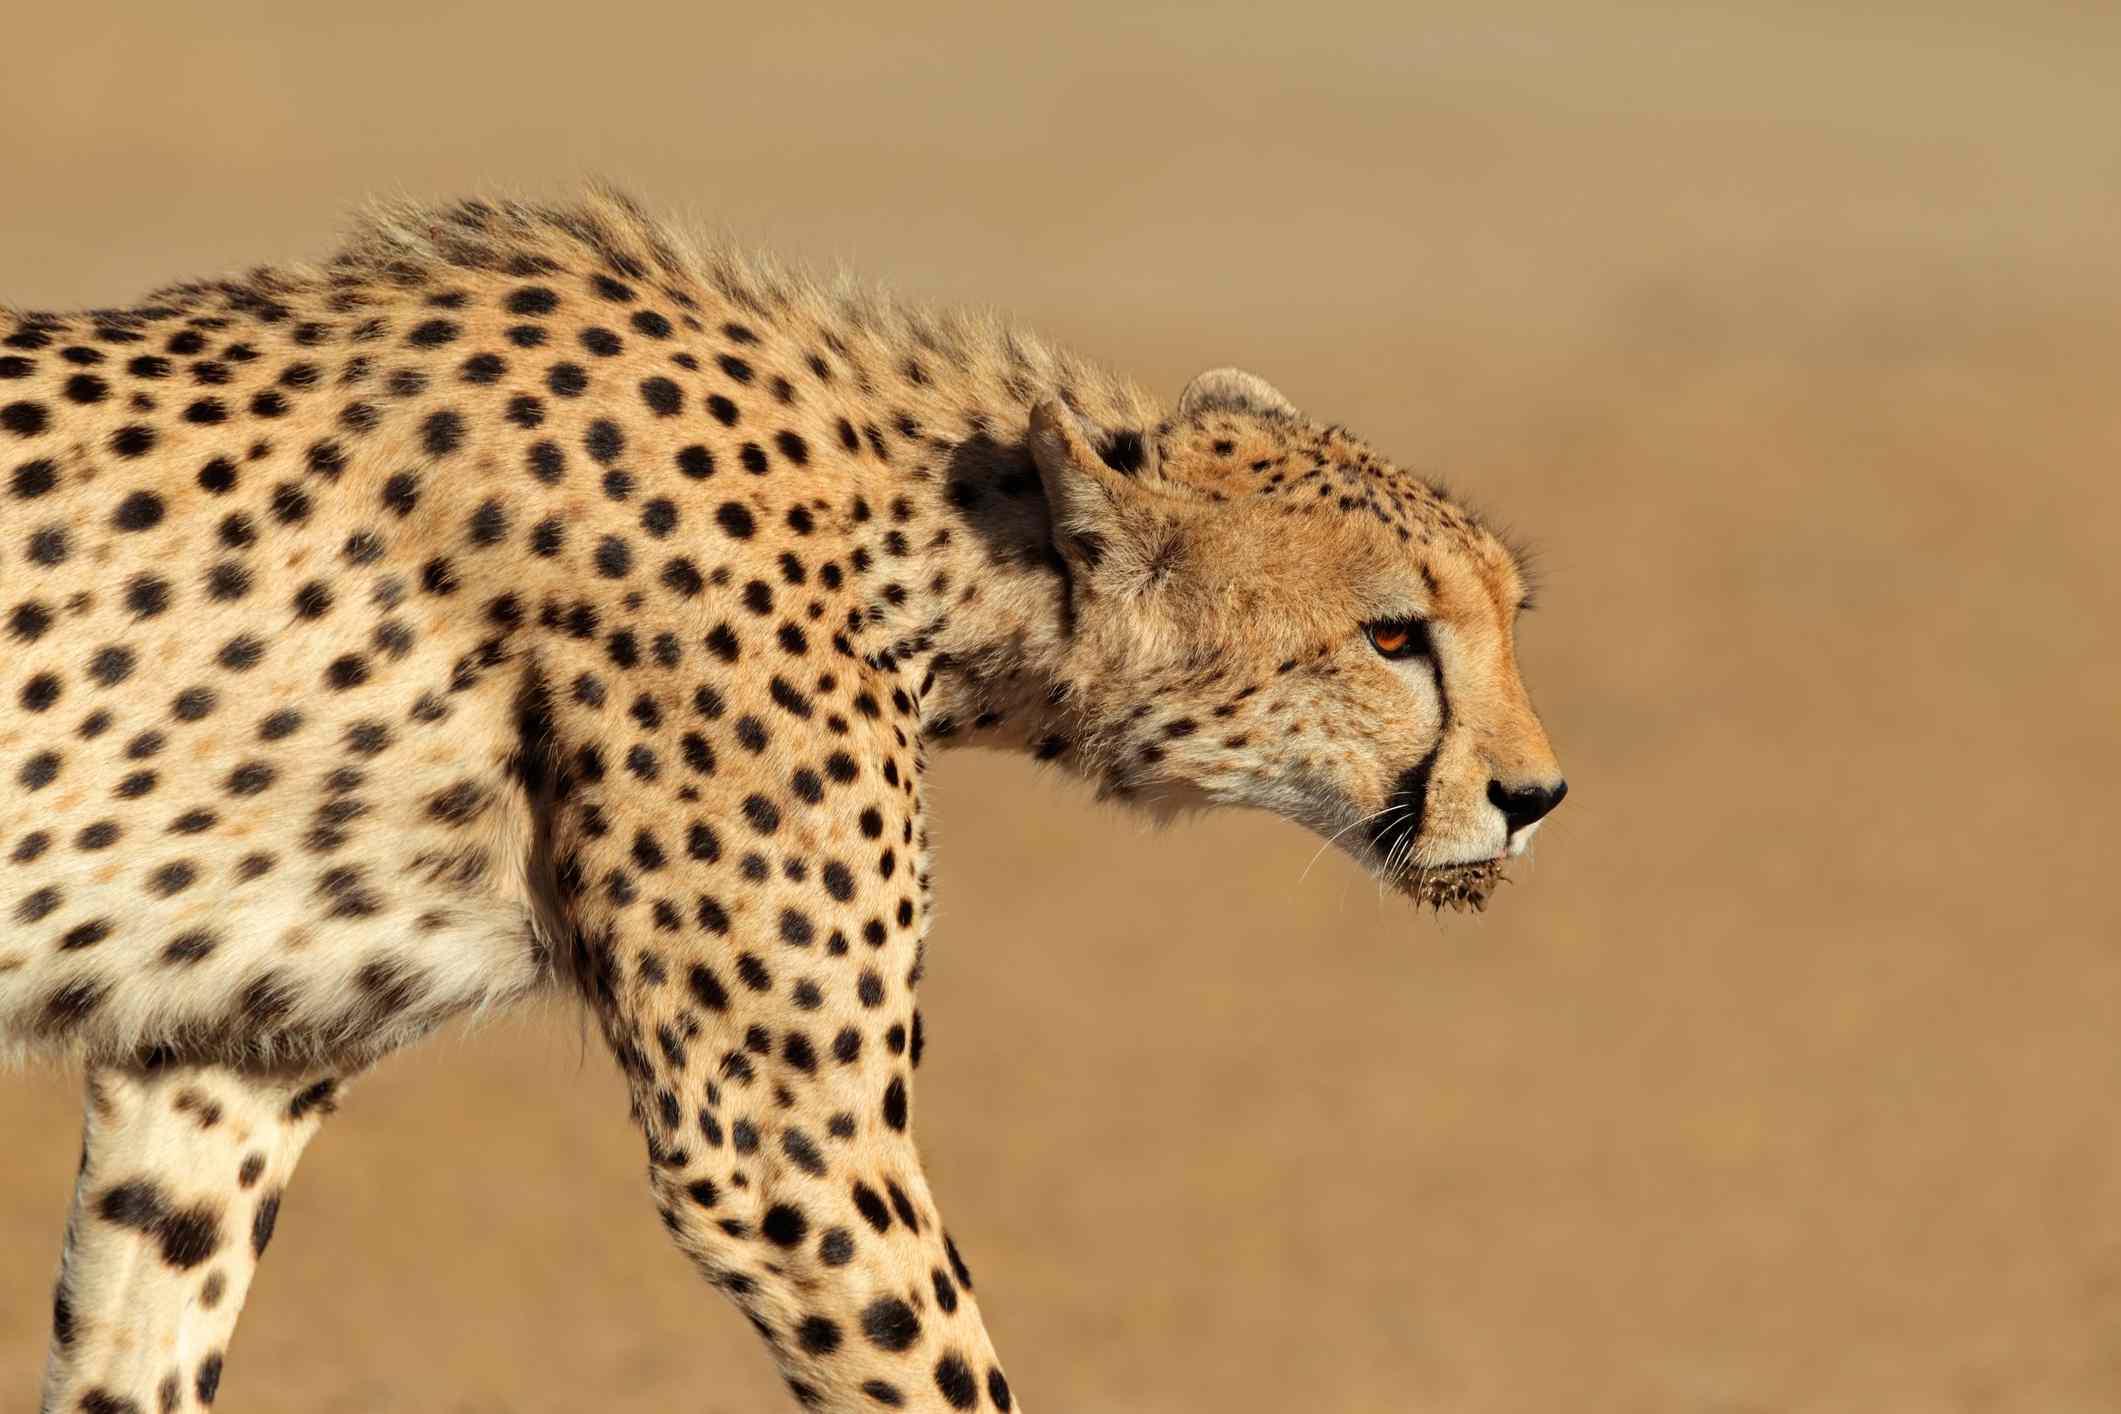 Close-up of a stalking cheetah